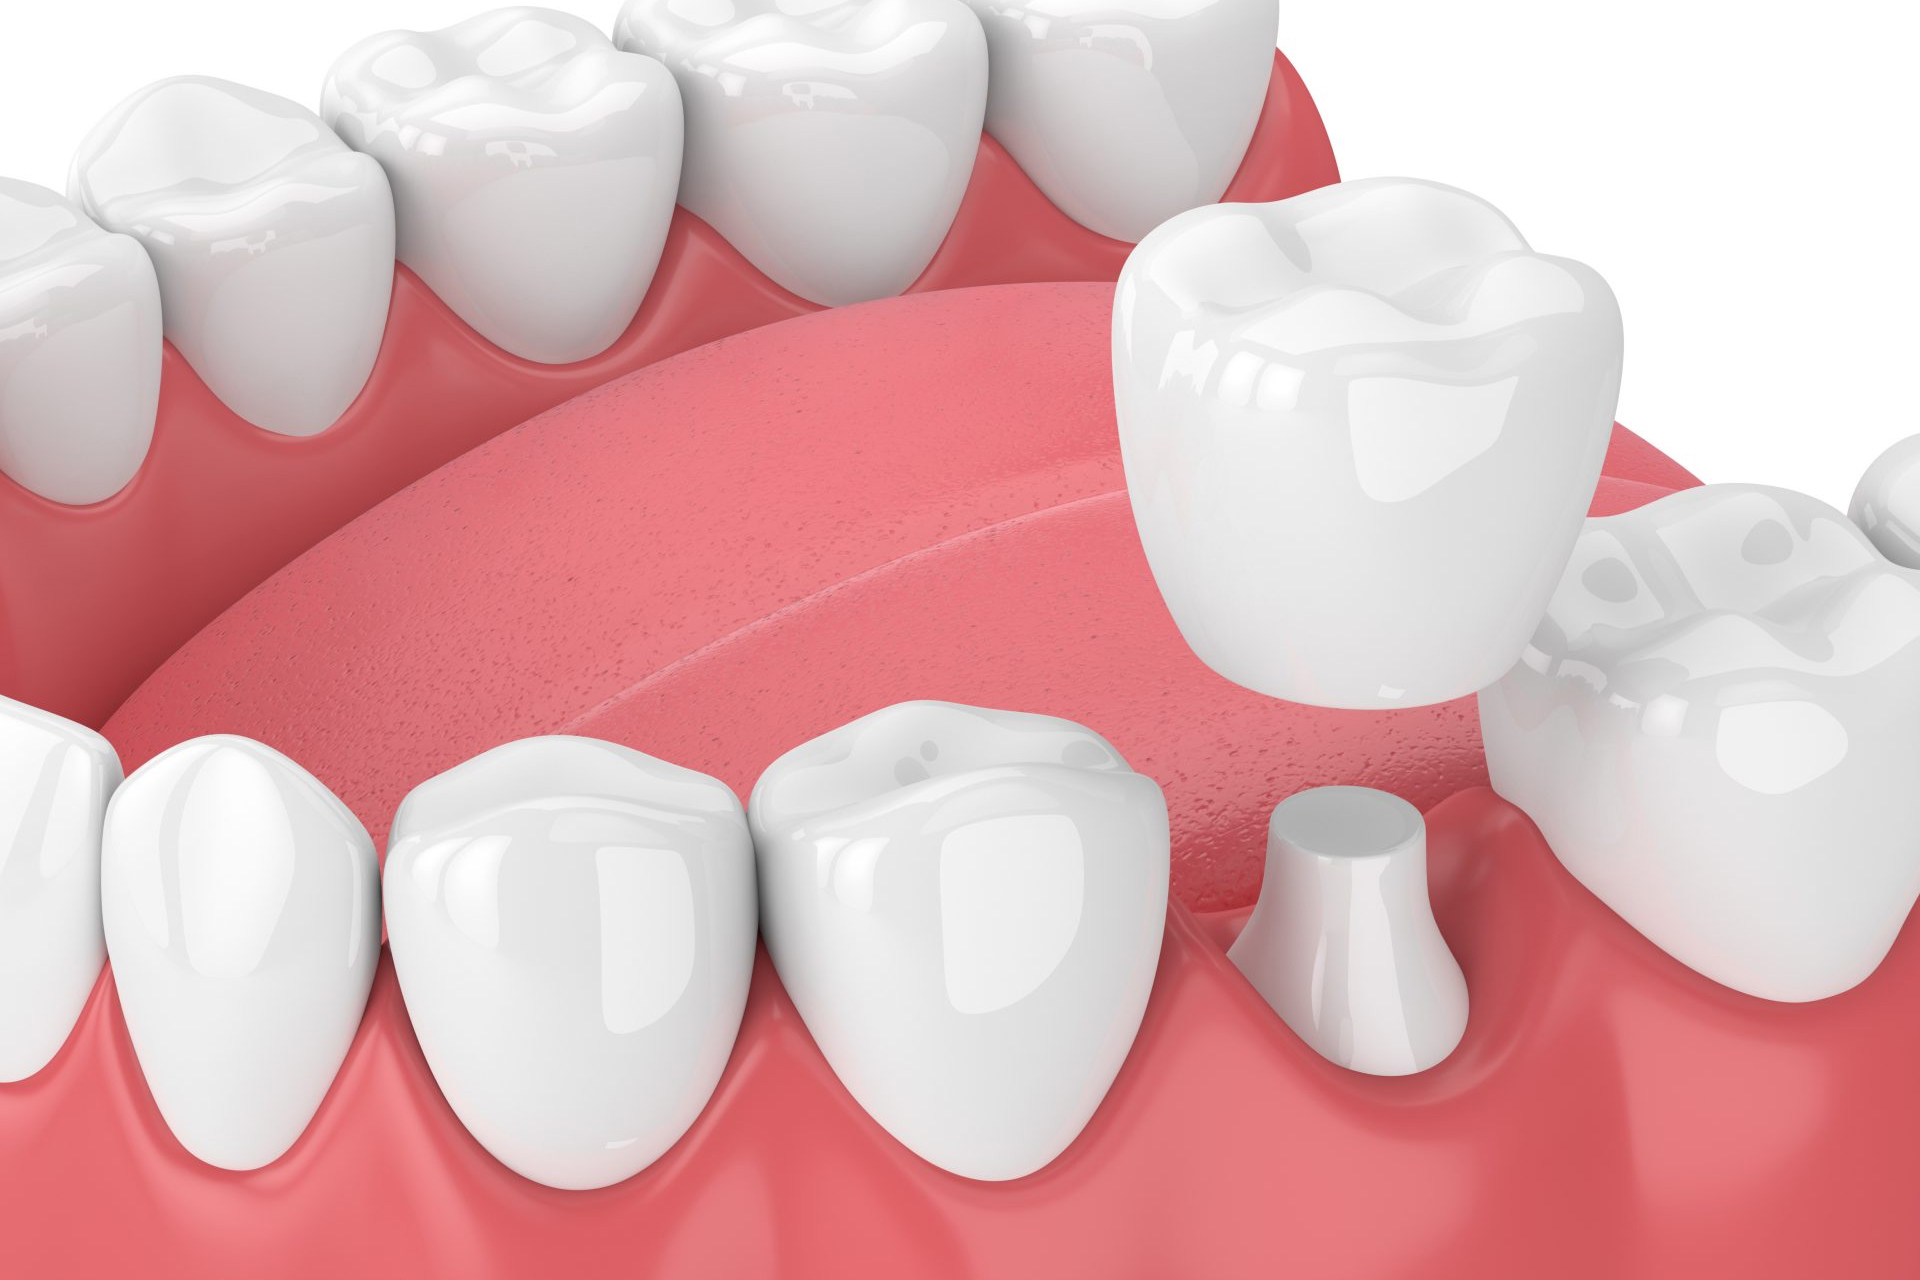 Коронки - Стоматологическая клиника Medworld